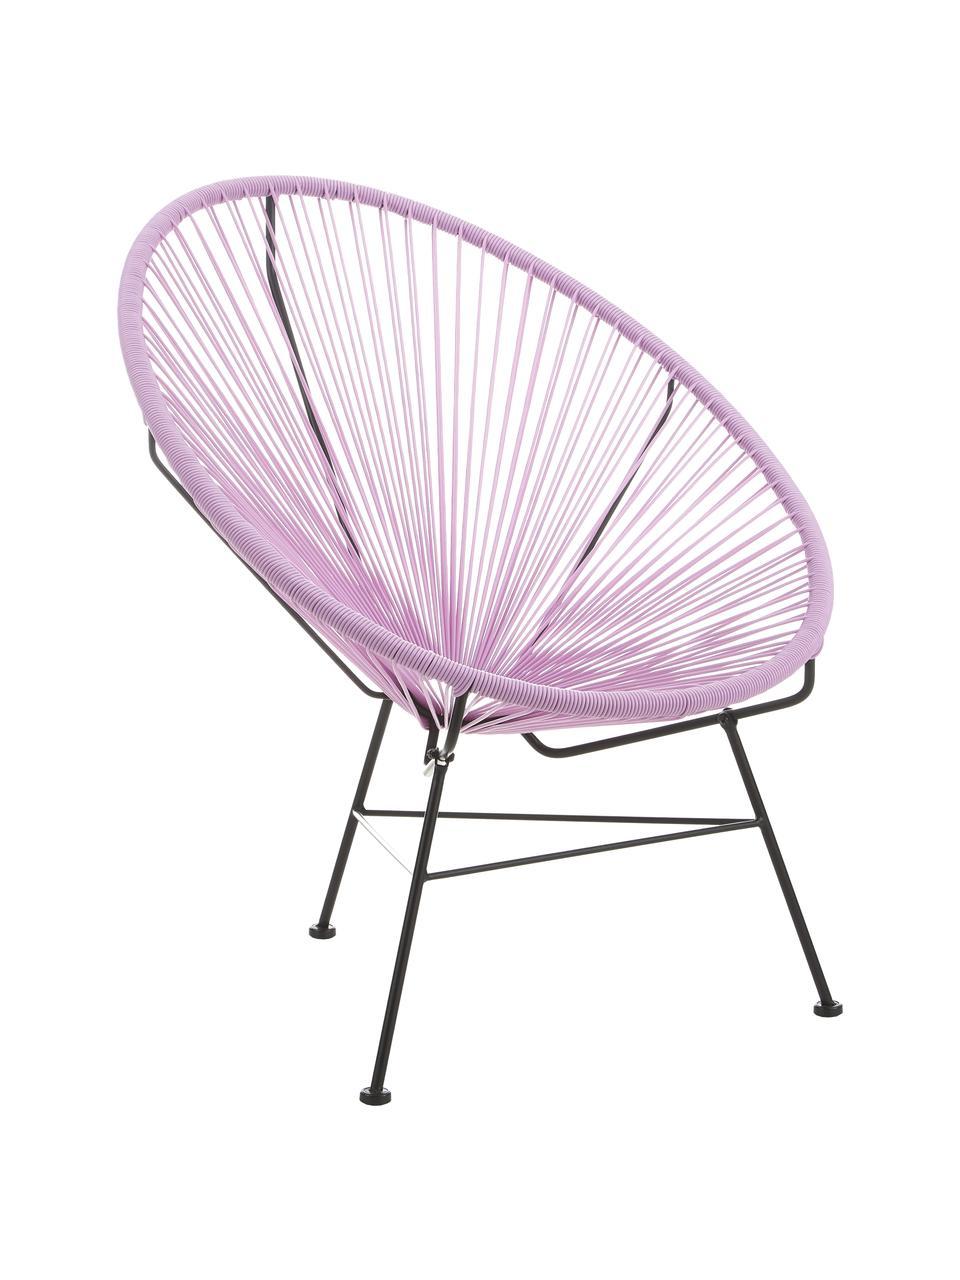 Sedia a poltrona intrecciata Bahia, Seduta: materiale sintetico, Struttura: metallo verniciato a polv, Lilla, Larg. 81 x Prof. 73 cm